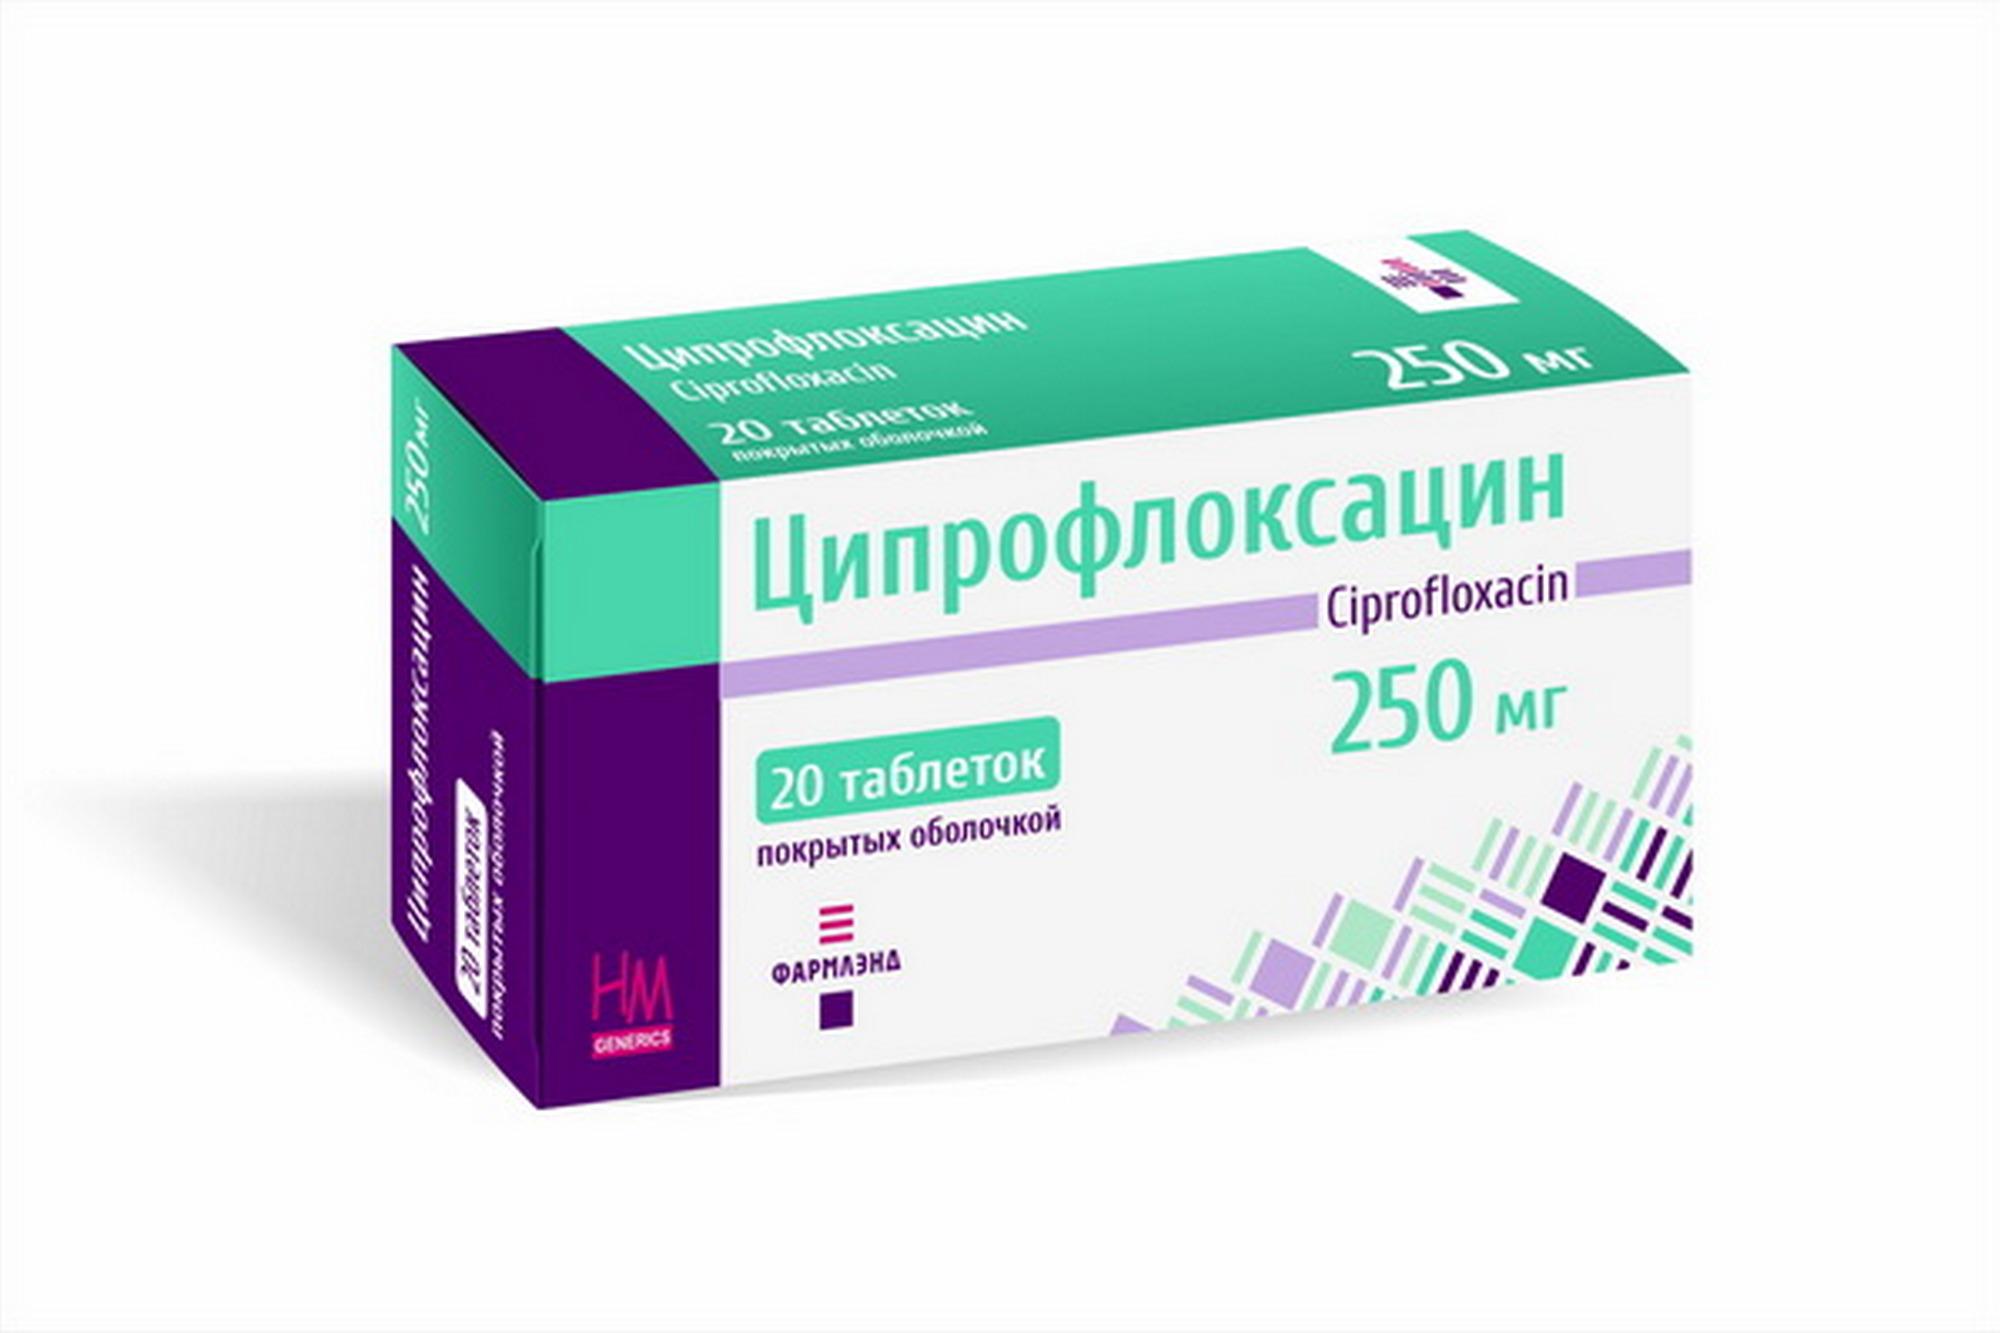 Ципрофлоксацин: применение при бронхите